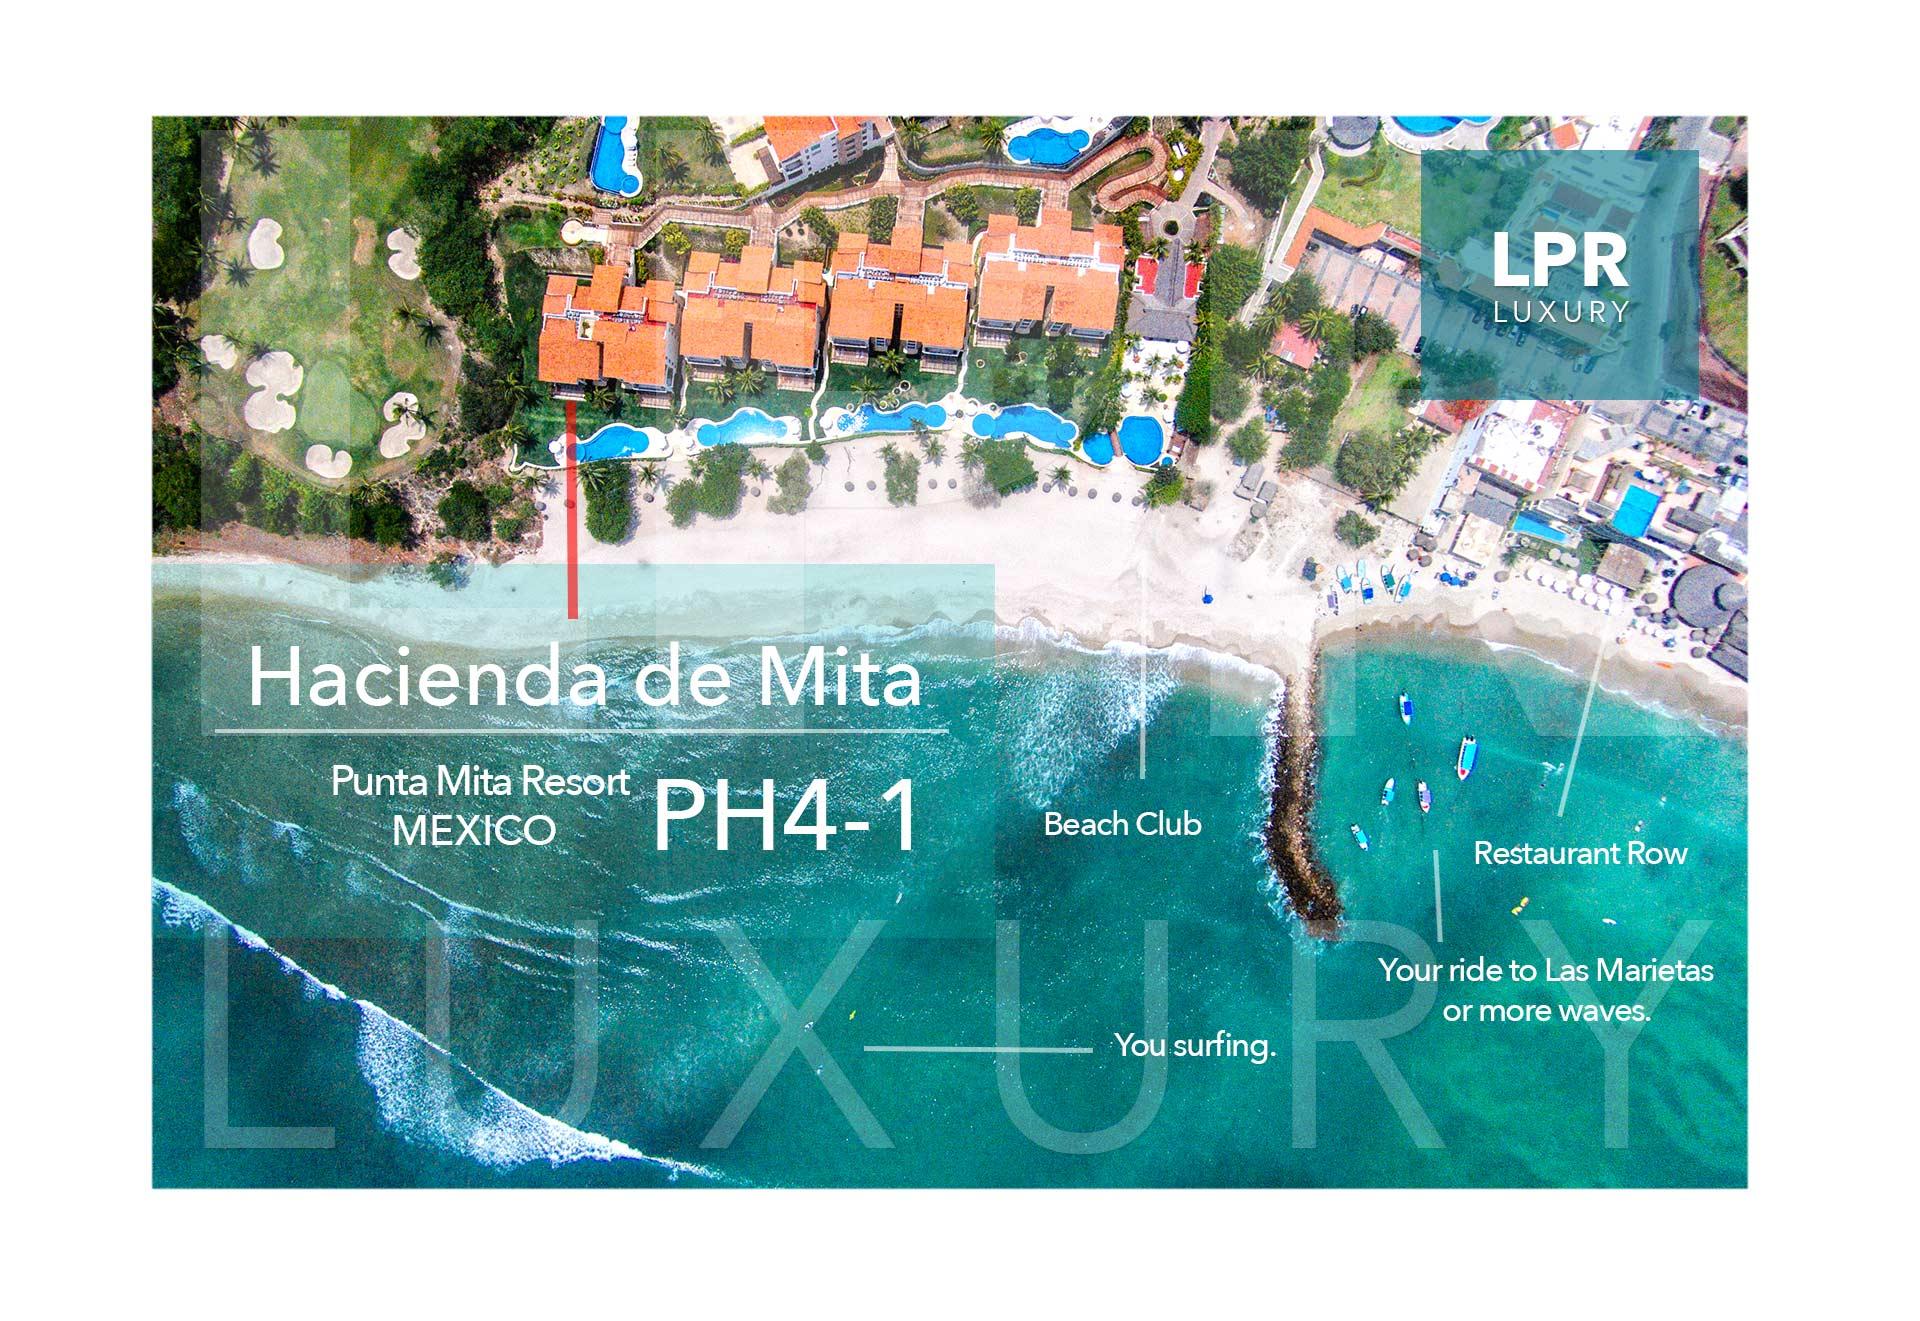 Hacienda de Mita Penthouse 4-1 - Punta Mita Resort condo for rent - Vacation Rental condos